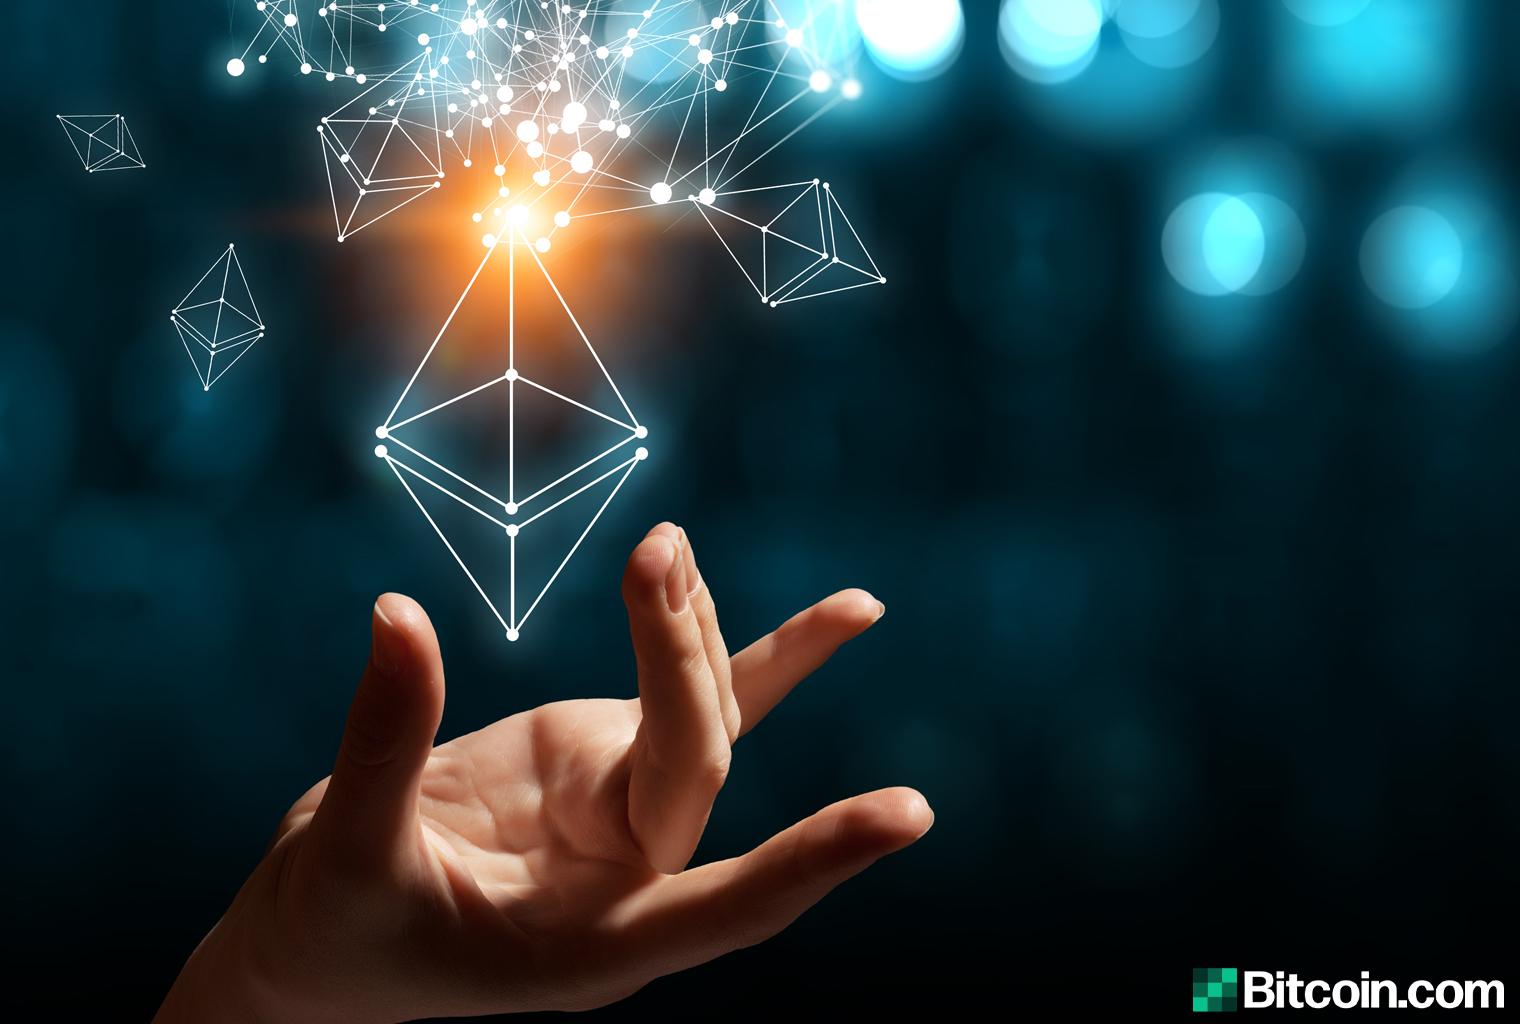 El servicio de nombres Ethereum agrega infraestructura para el soporte de múltiples monedas